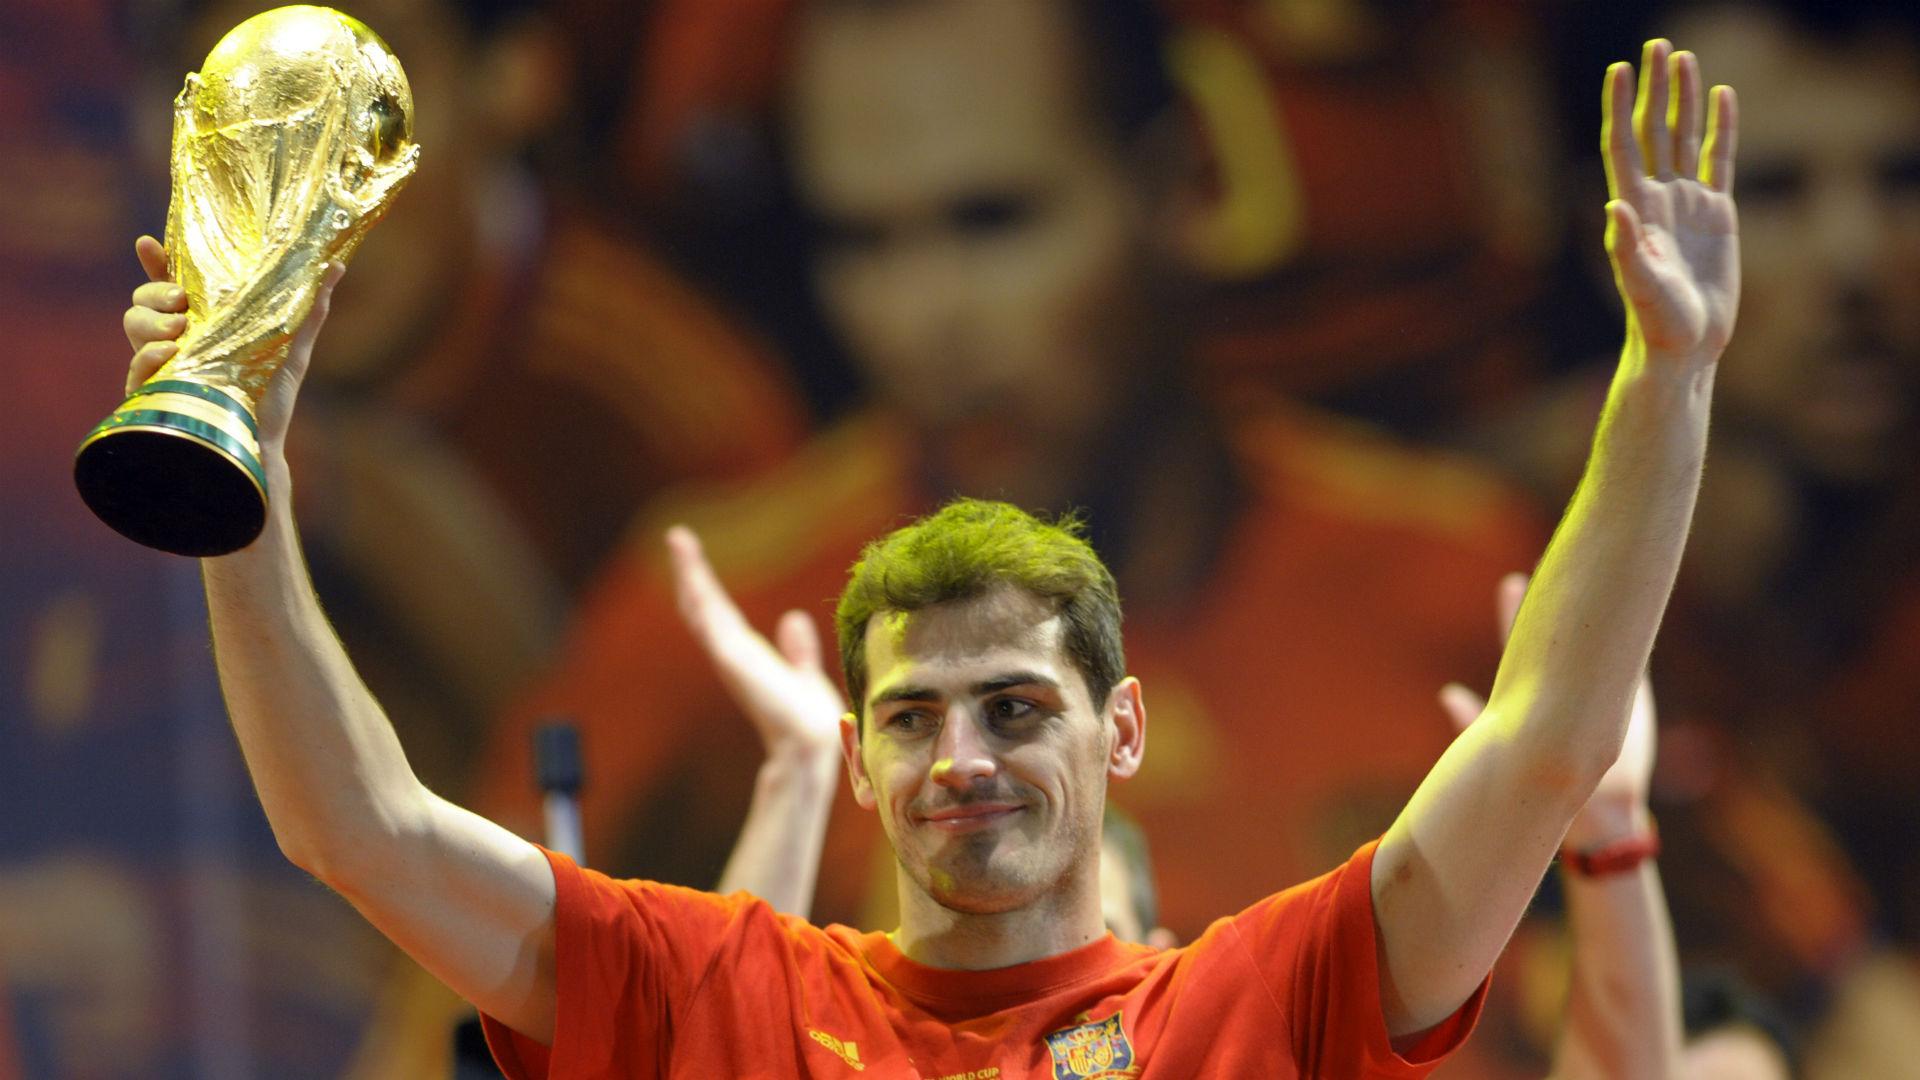 Iker Casillas Spain World Cup 2010